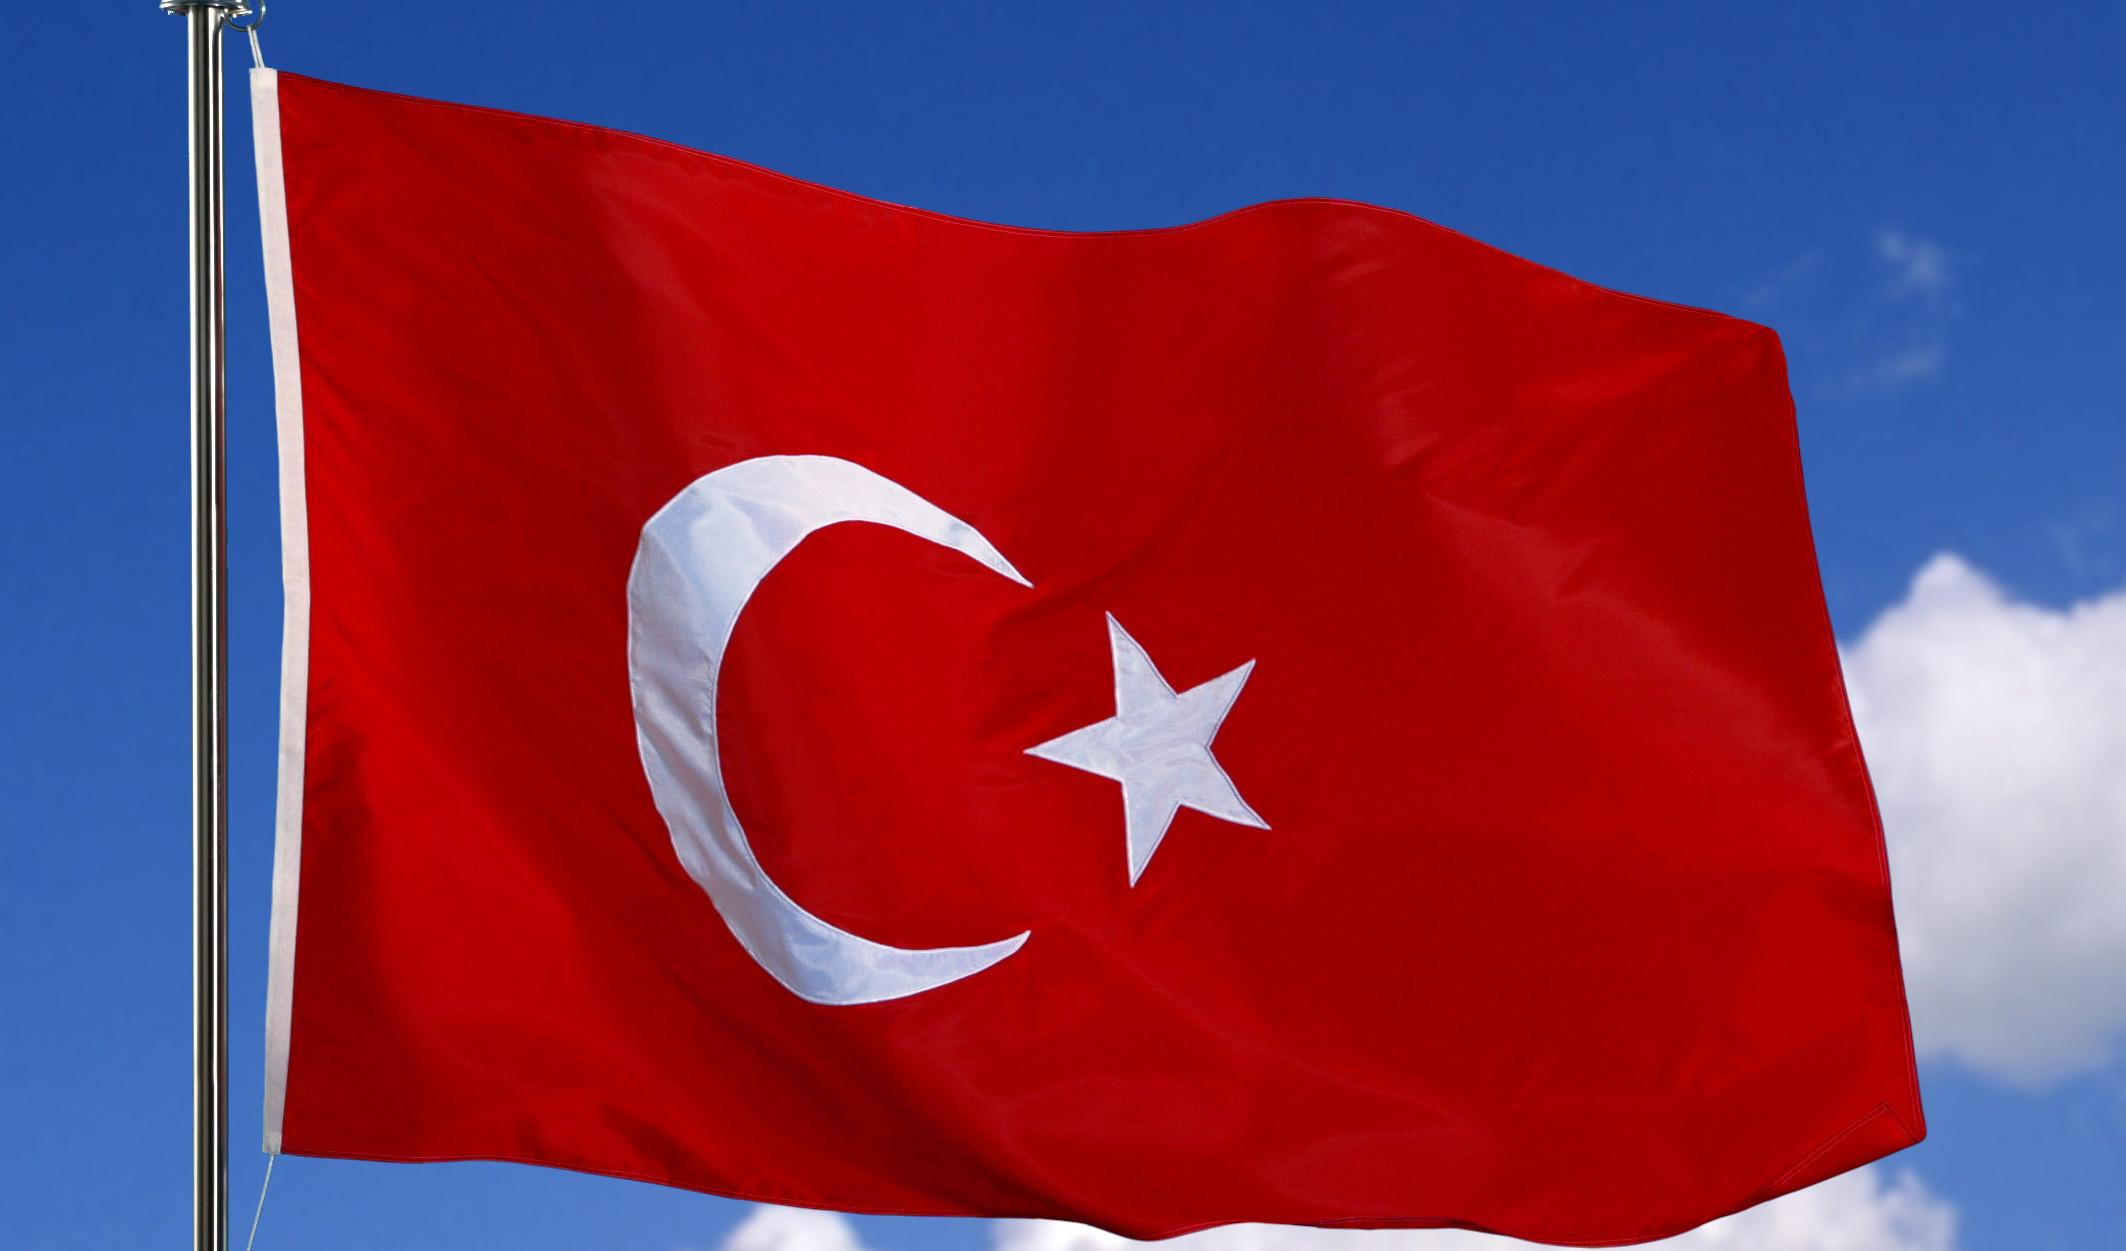 ارائه زیرساختهای بانکی جدید در کشور ترکیه